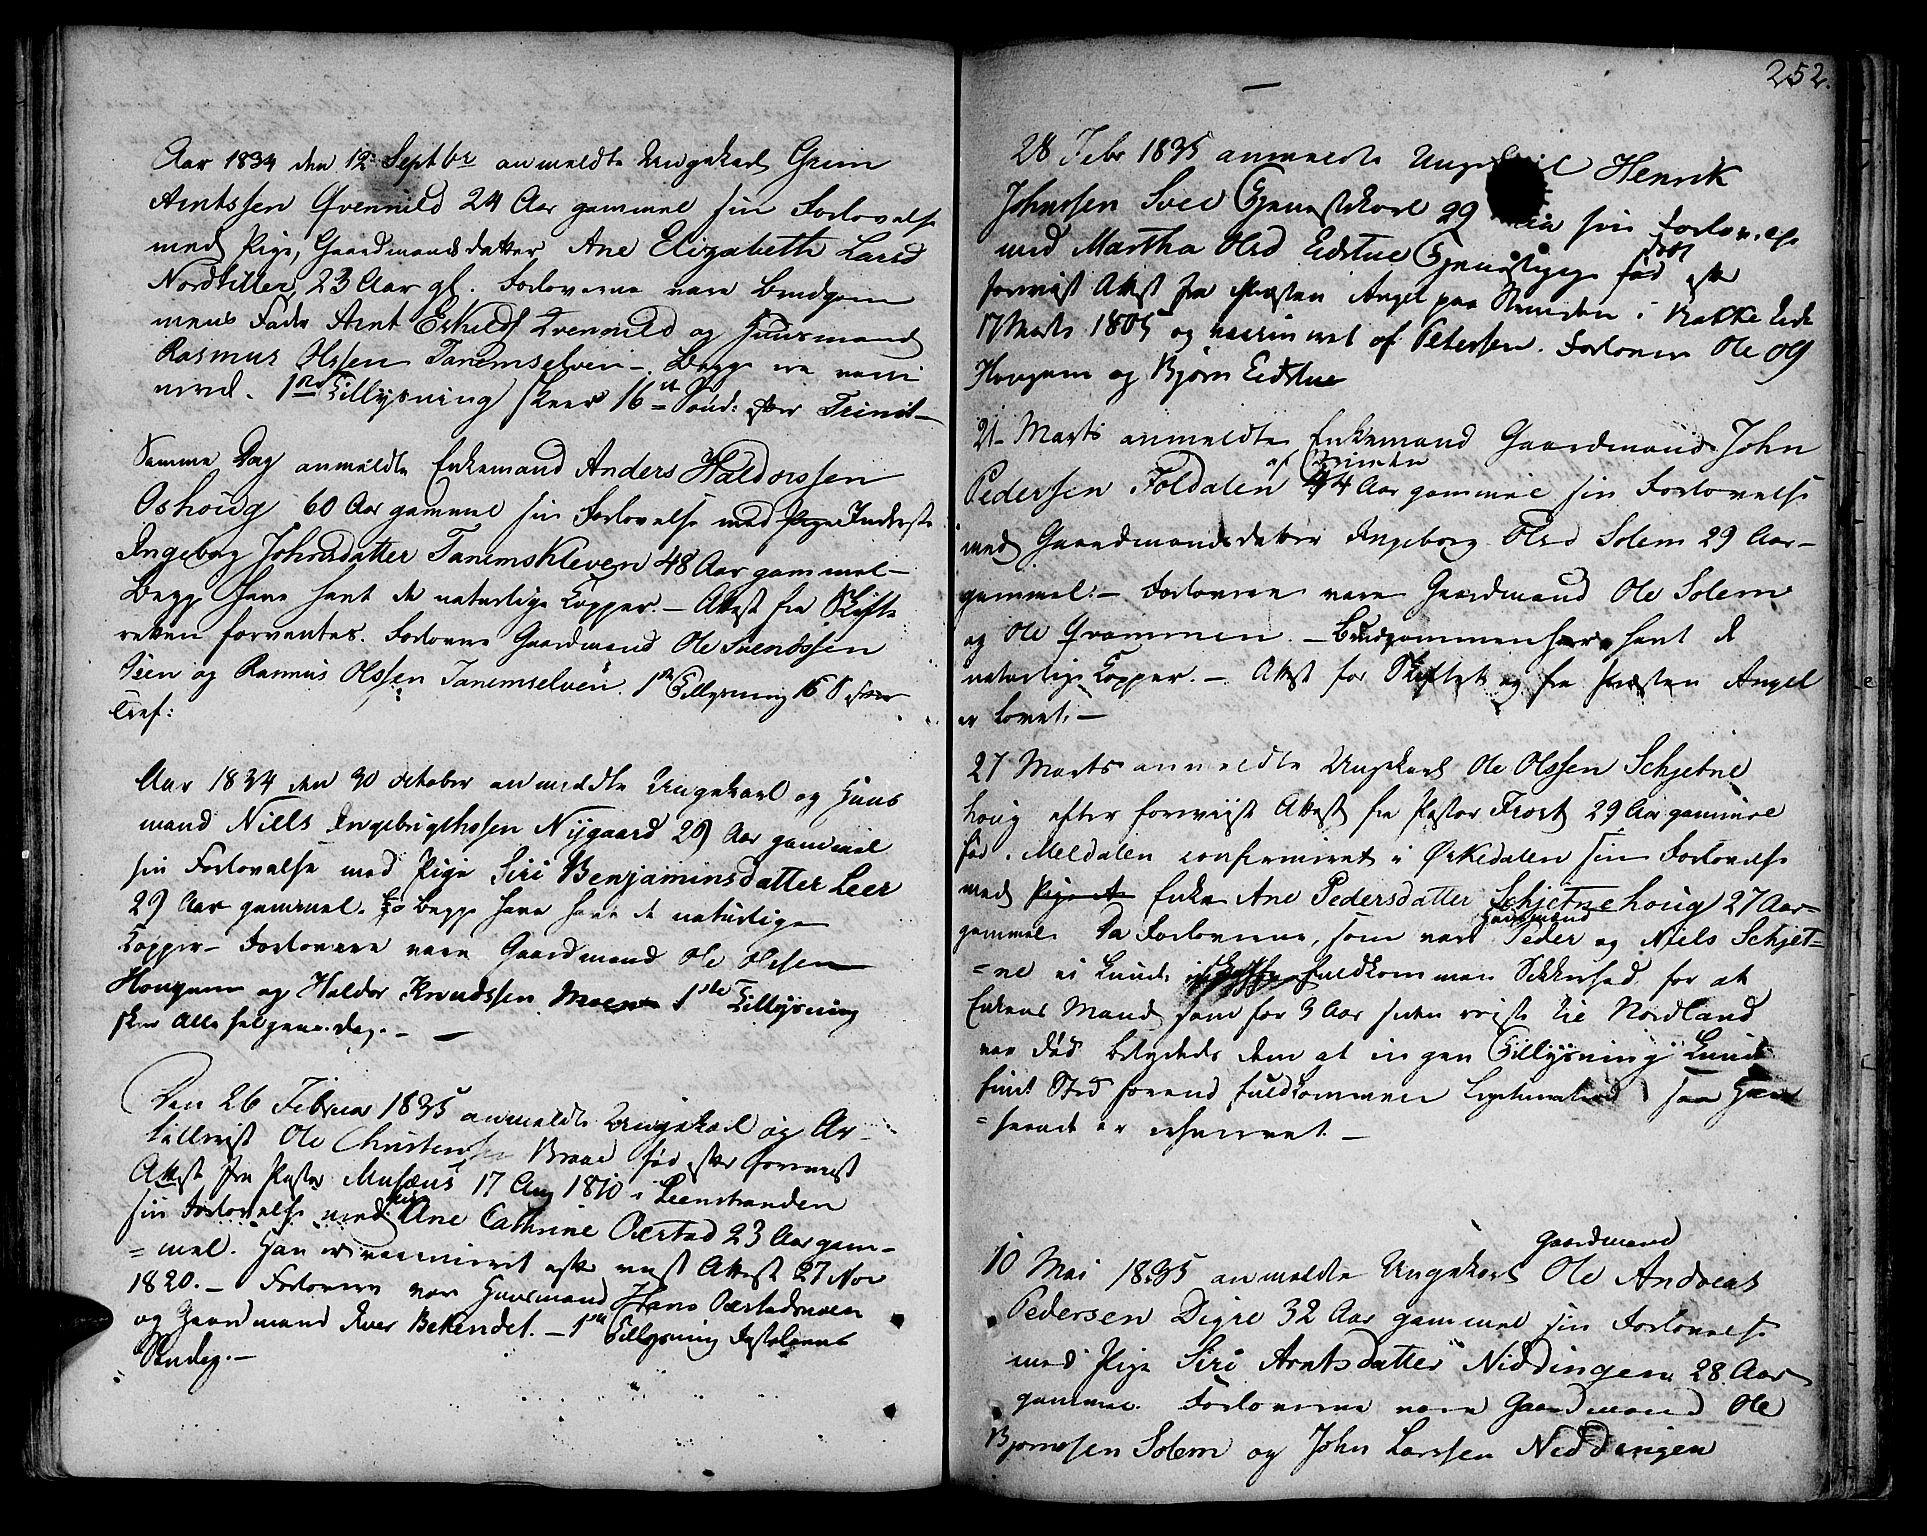 SAT, Ministerialprotokoller, klokkerbøker og fødselsregistre - Sør-Trøndelag, 618/L0438: Ministerialbok nr. 618A03, 1783-1815, s. 252